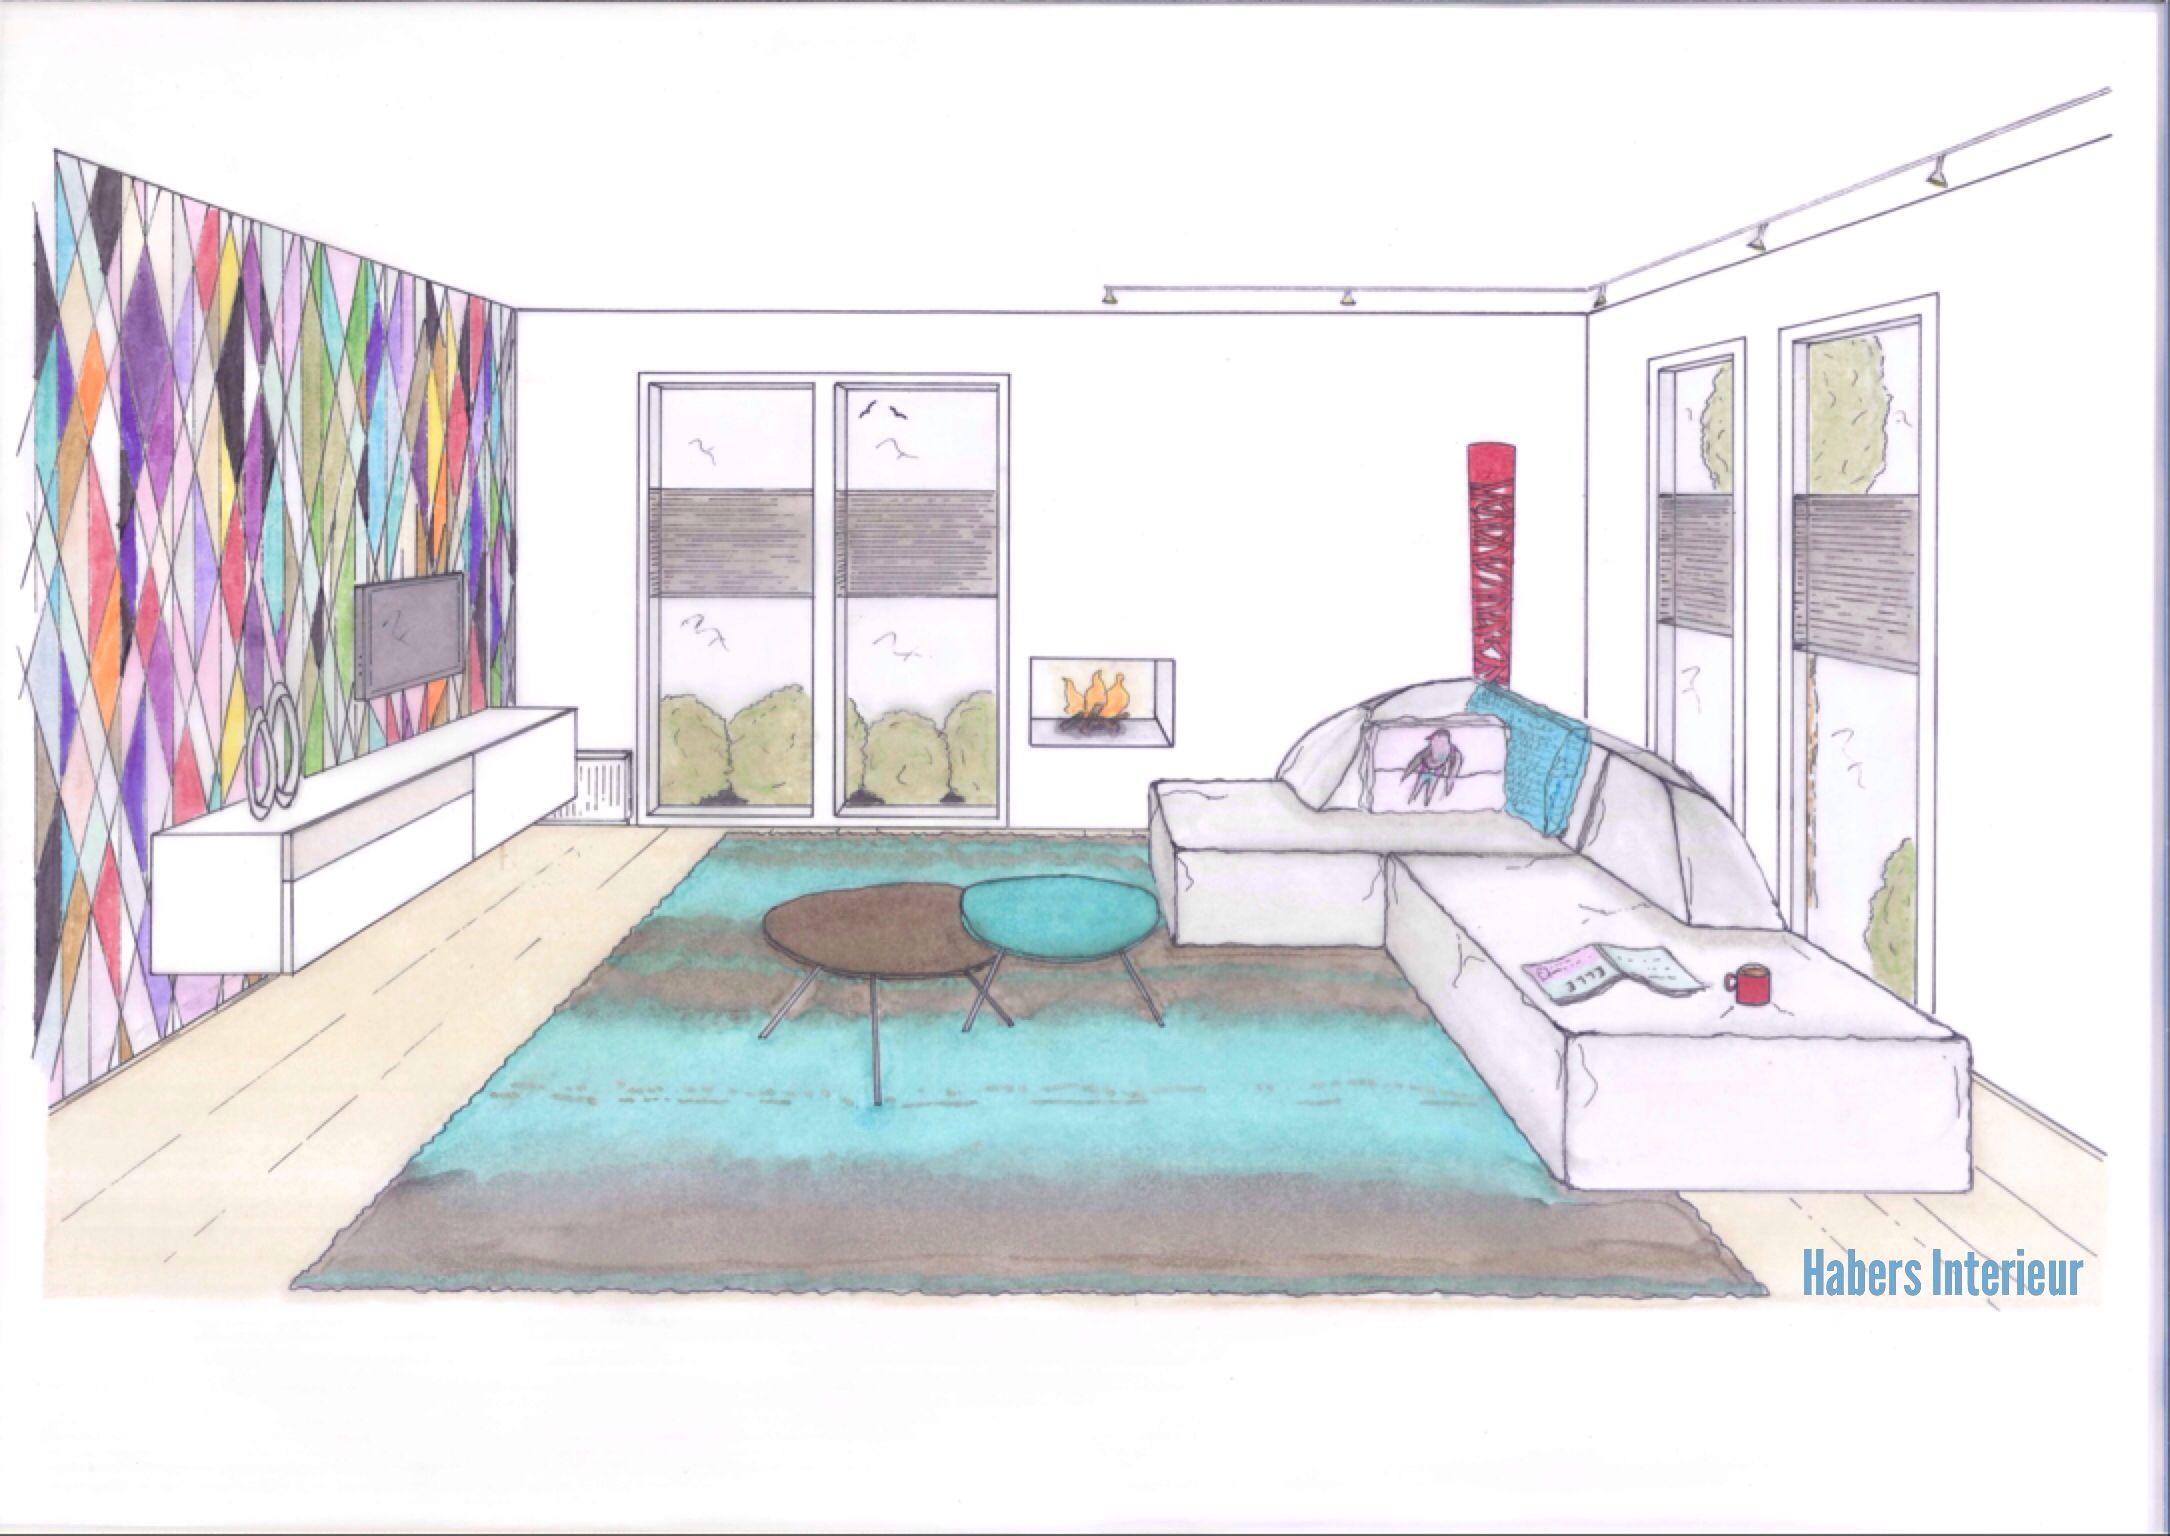 Perspectief van een woonkamer by habers interieur